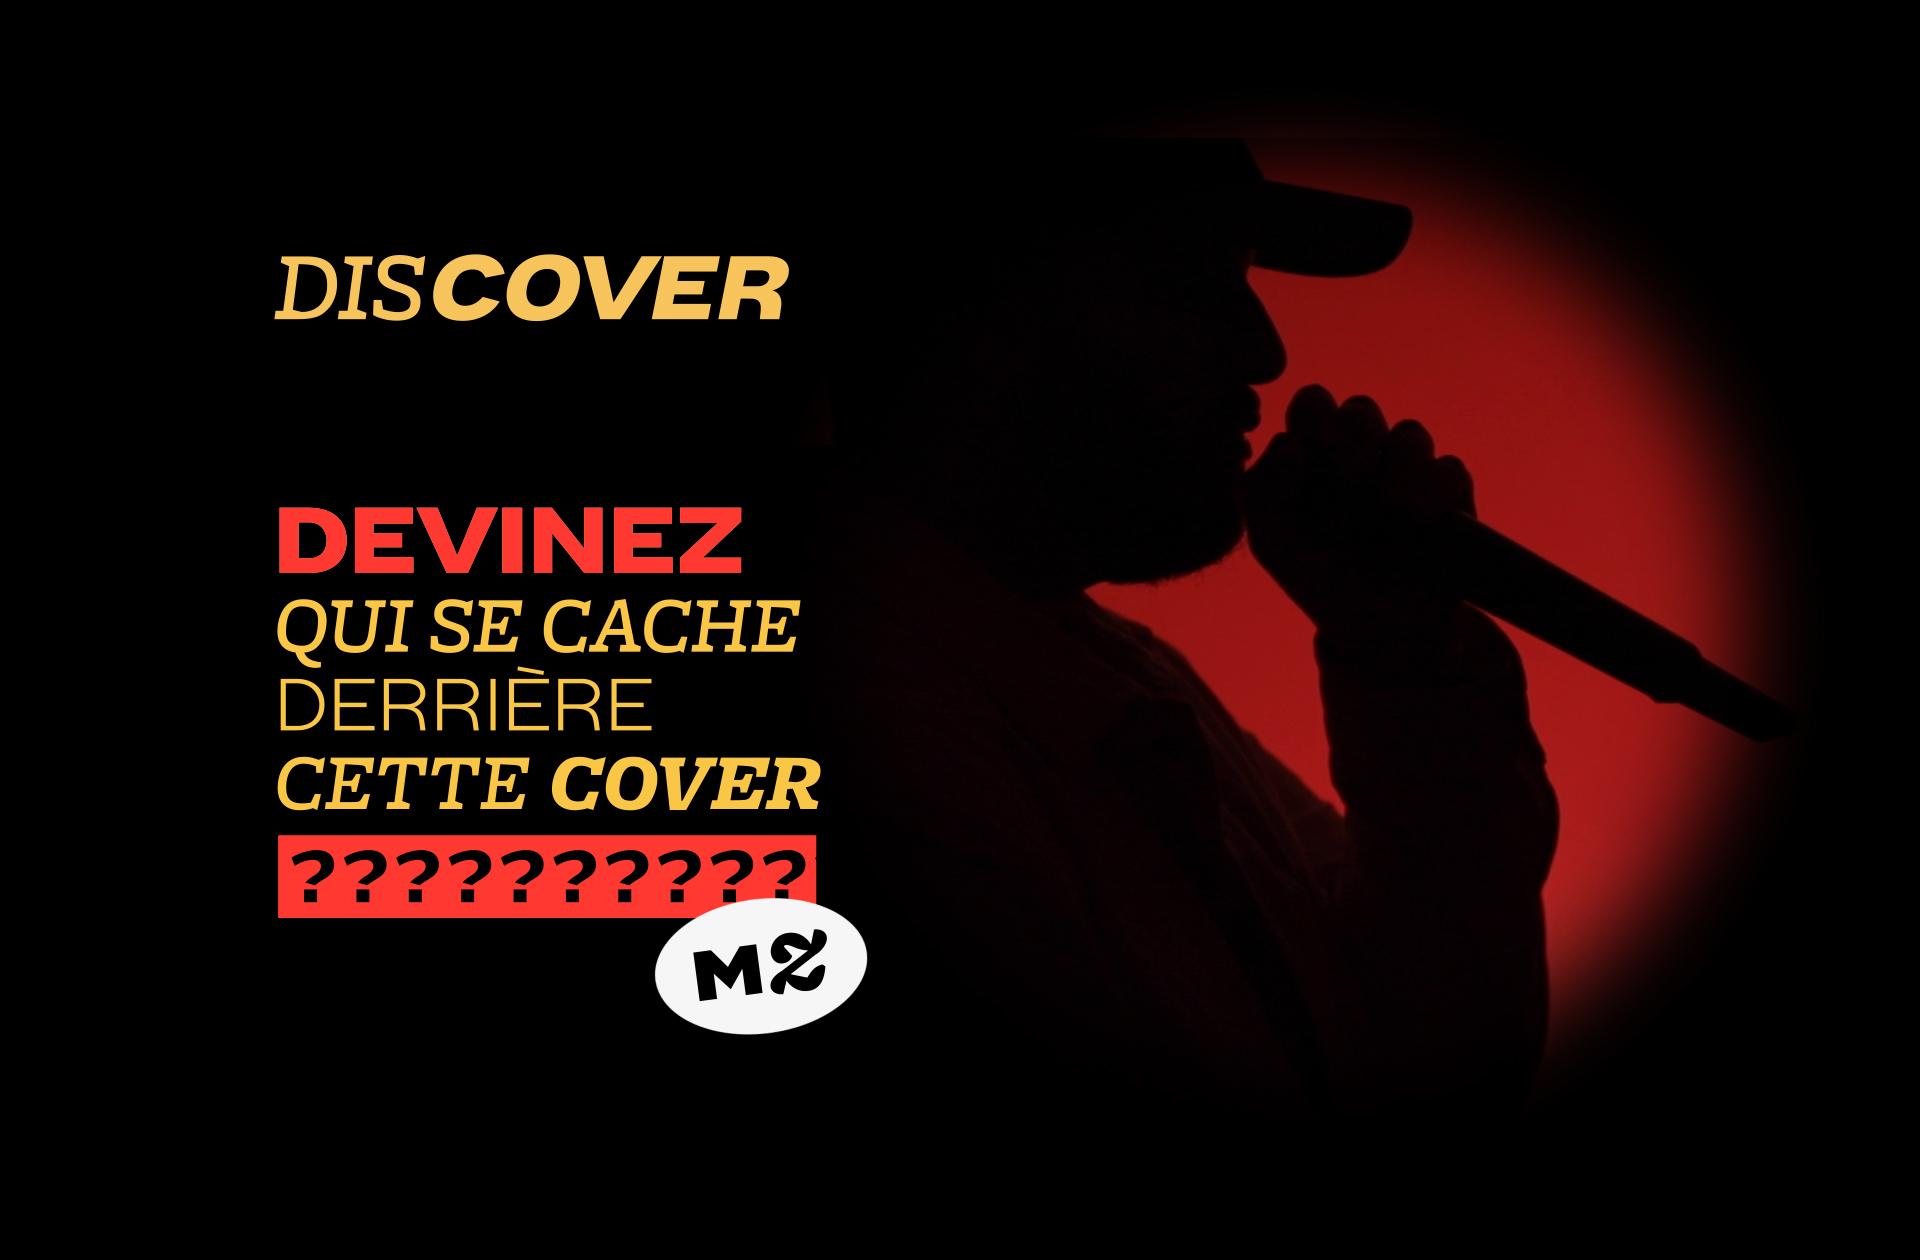 Madmoizelle lance «Discover», un format 100% musique et mystère